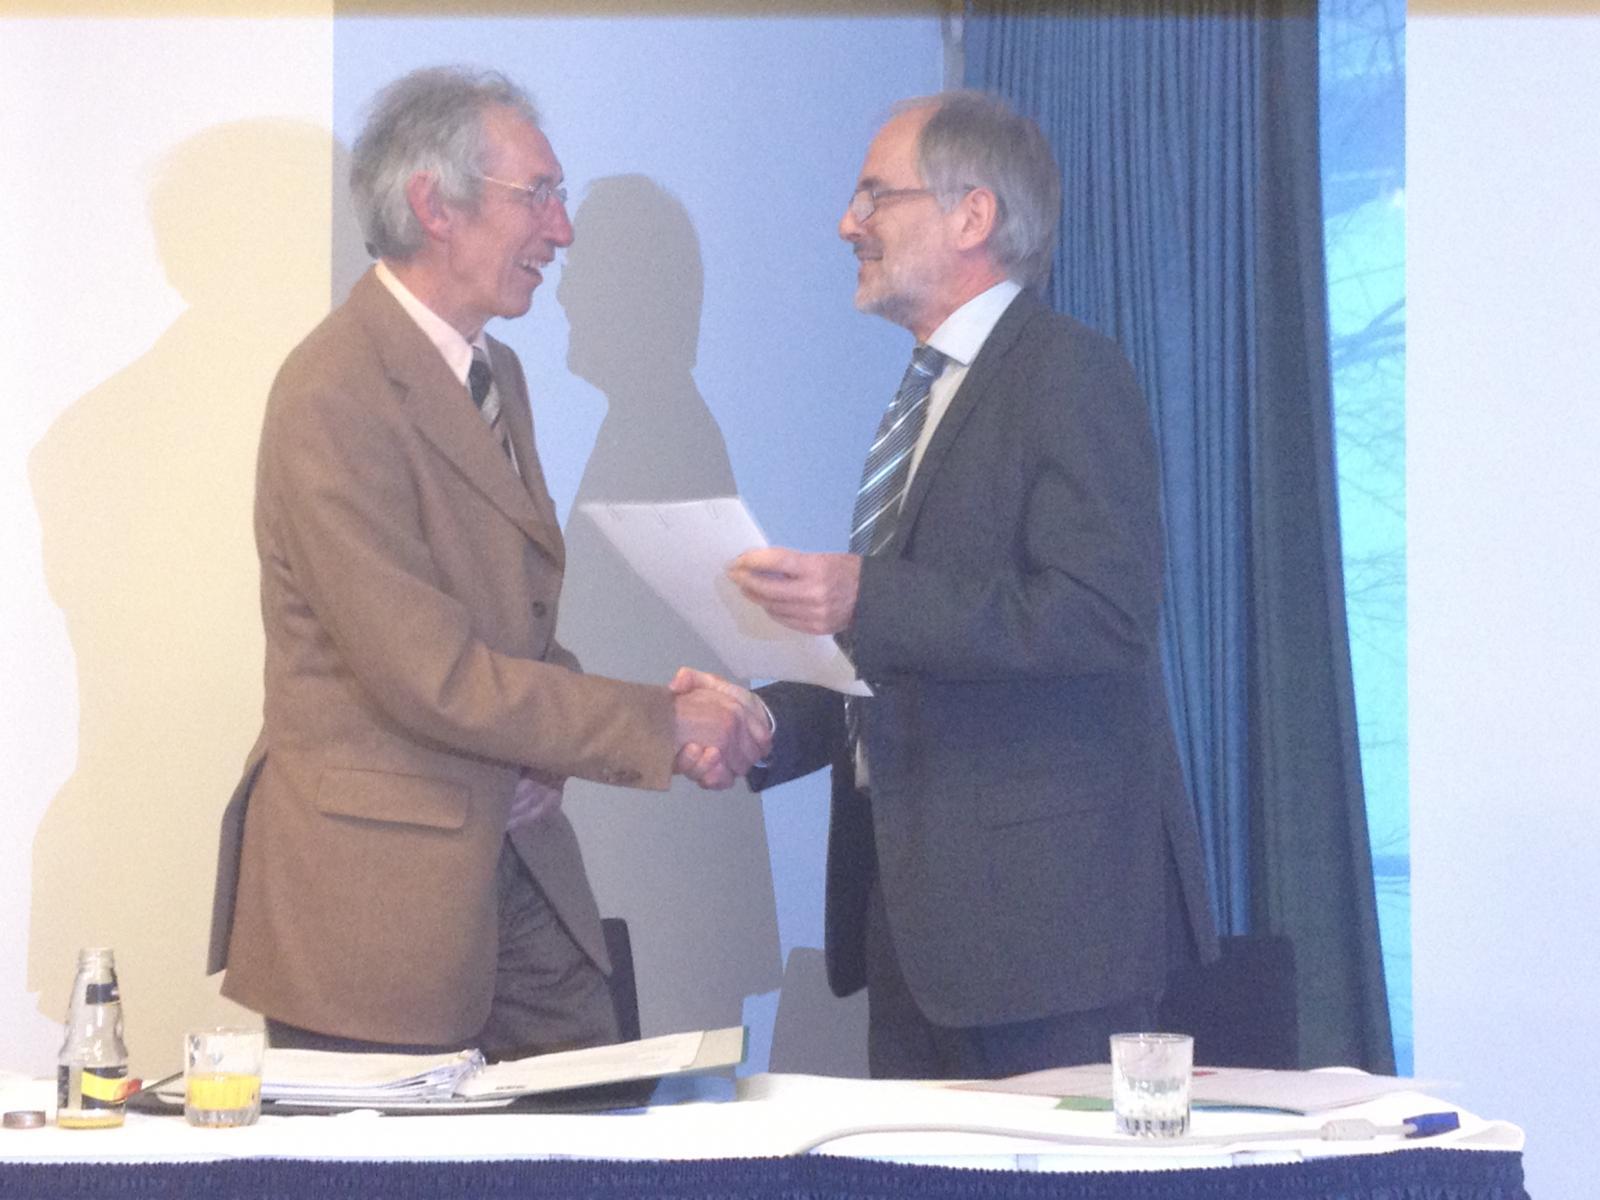 Herr Dr. Bernd-Ulrich Linder dankt Herr Reinhard Stüting zur jahrelang geleisteten Vorstandsarbeit.